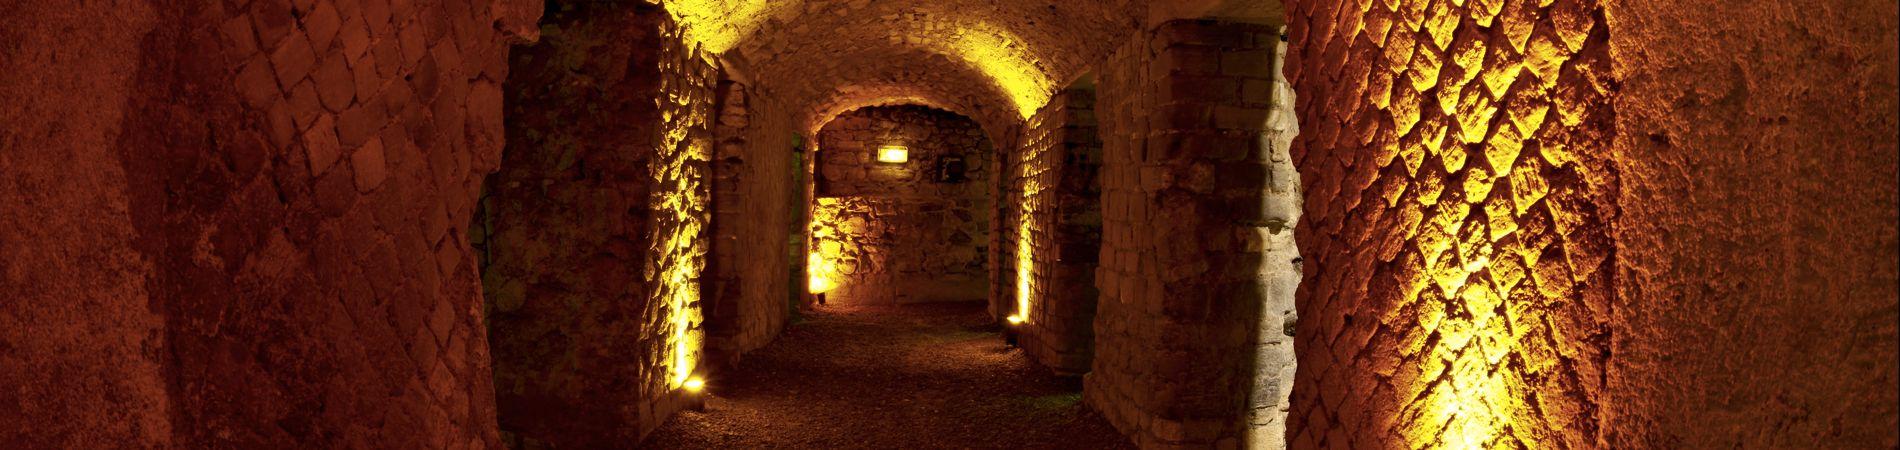 Les richesses du patrimoine de Narbonne